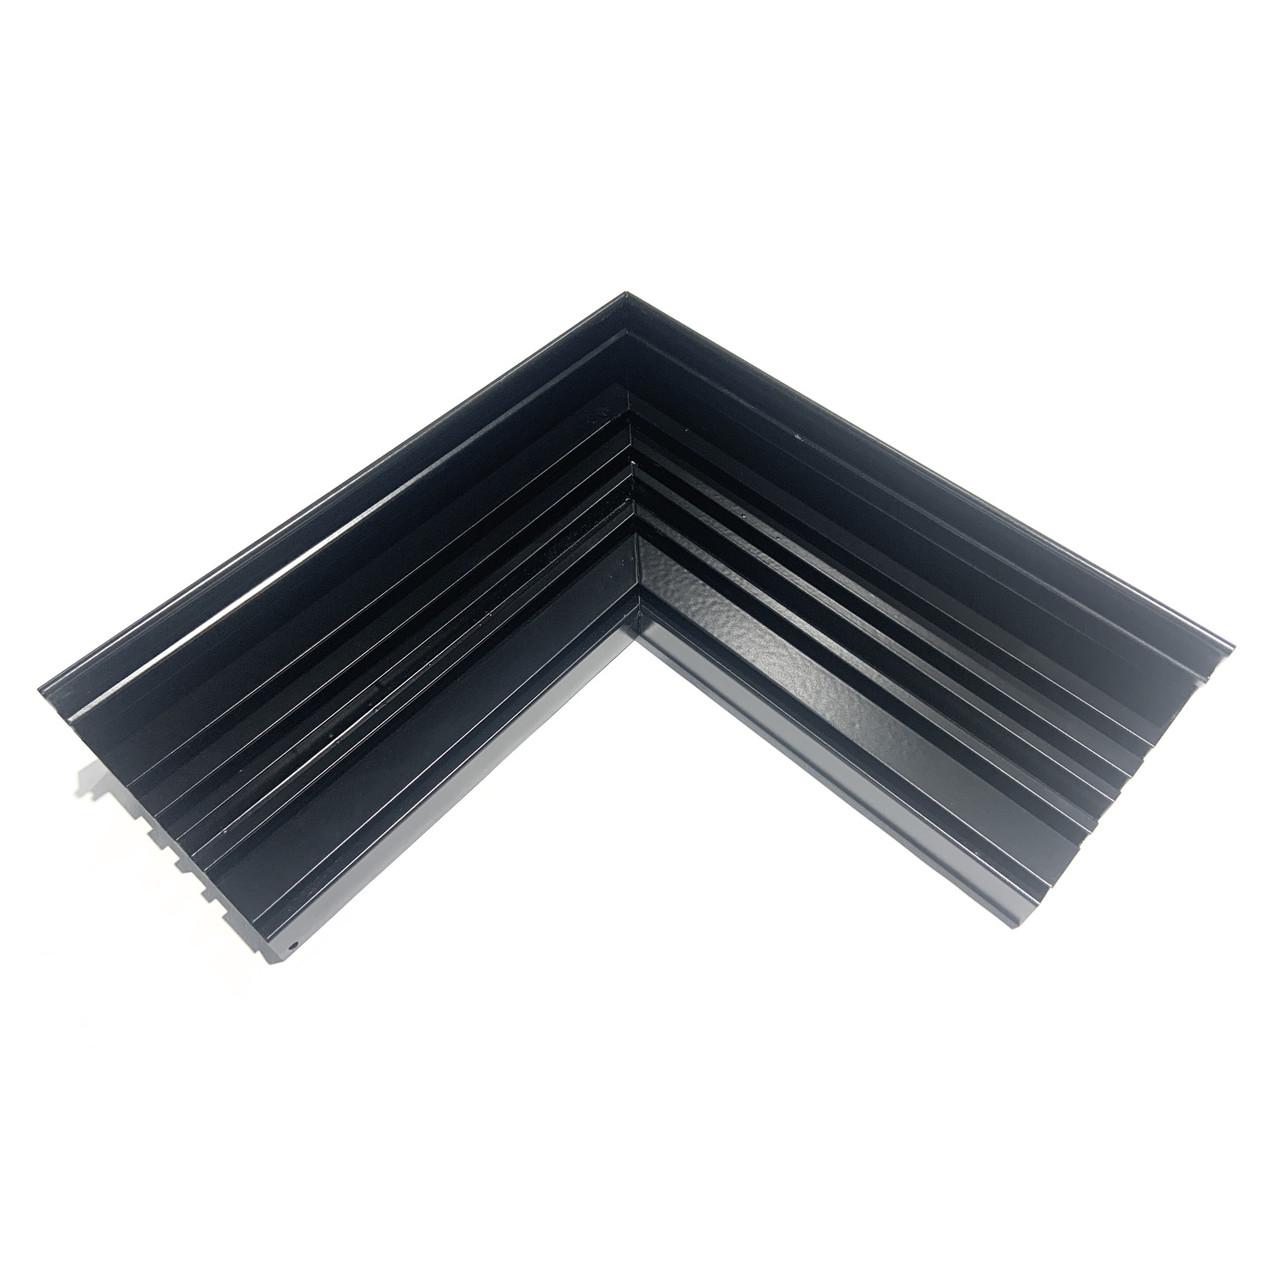 Угол 90 градусов для гардины черный 3х полосной